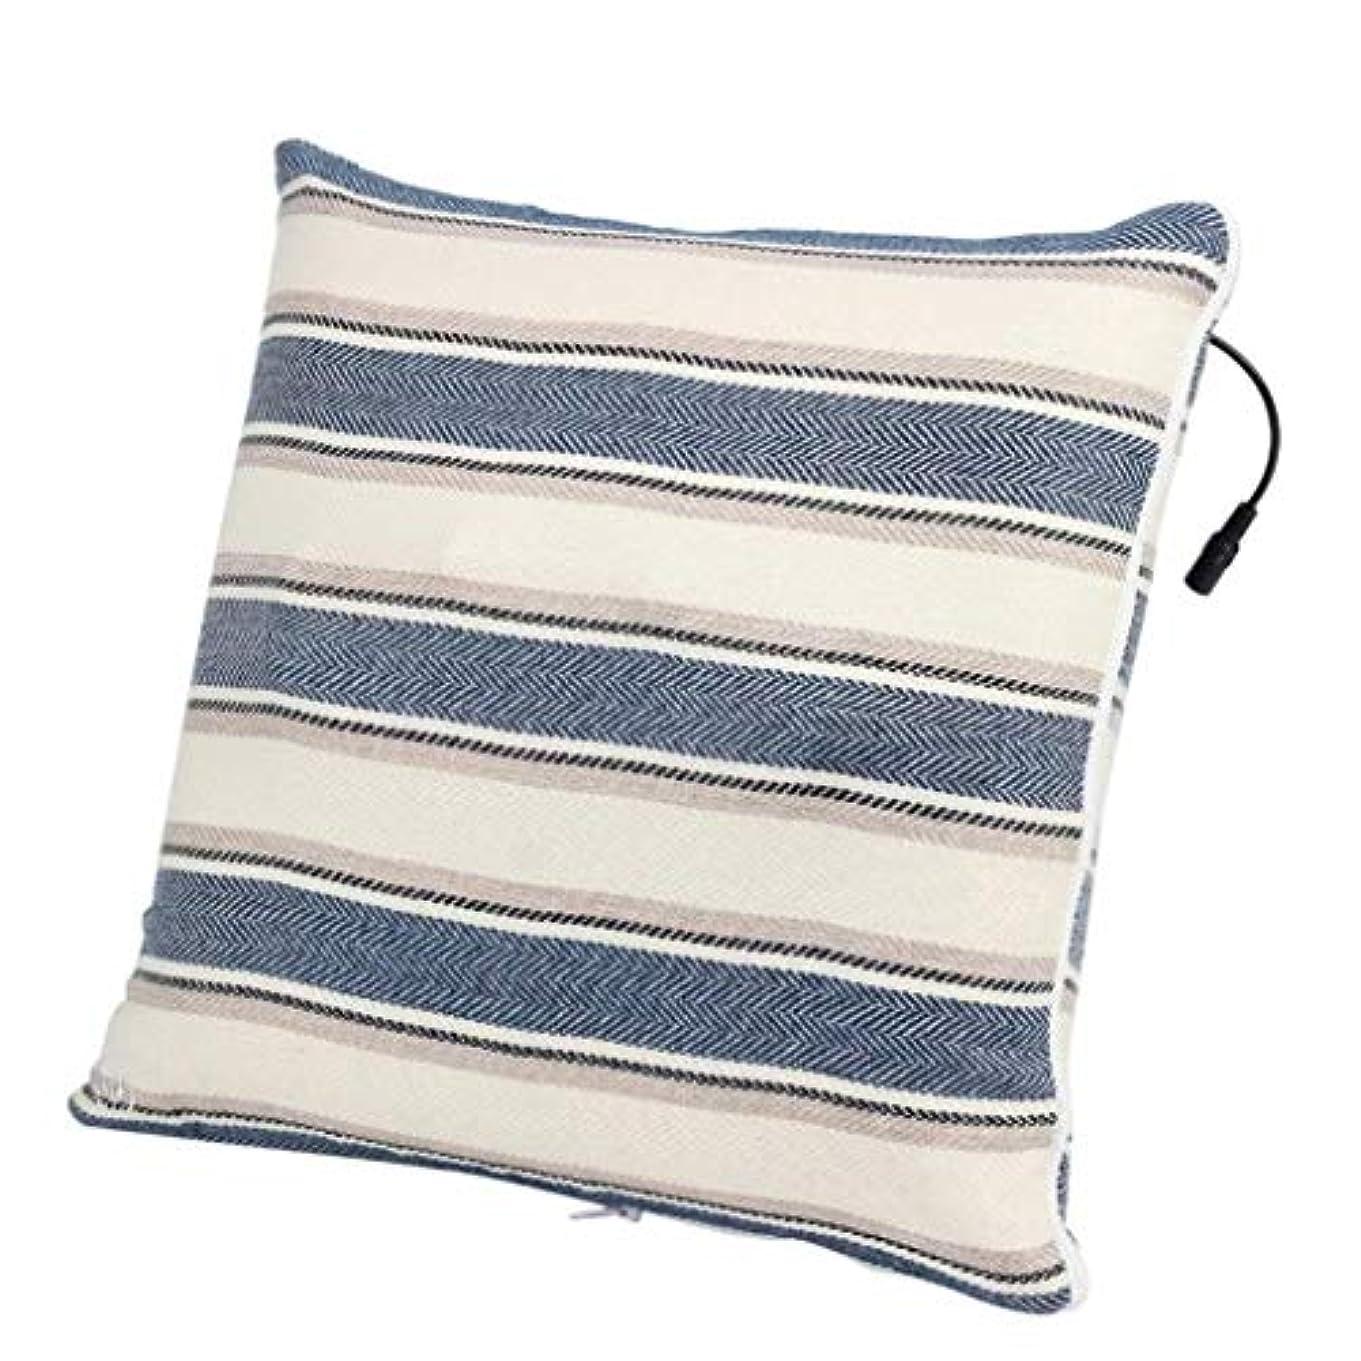 ふくろう同化する信号電動マッサージ枕、背中、首、肩、足の3D指圧マッサージャーで筋肉をほぐし、痛みを和らげ、持ち運びが簡単